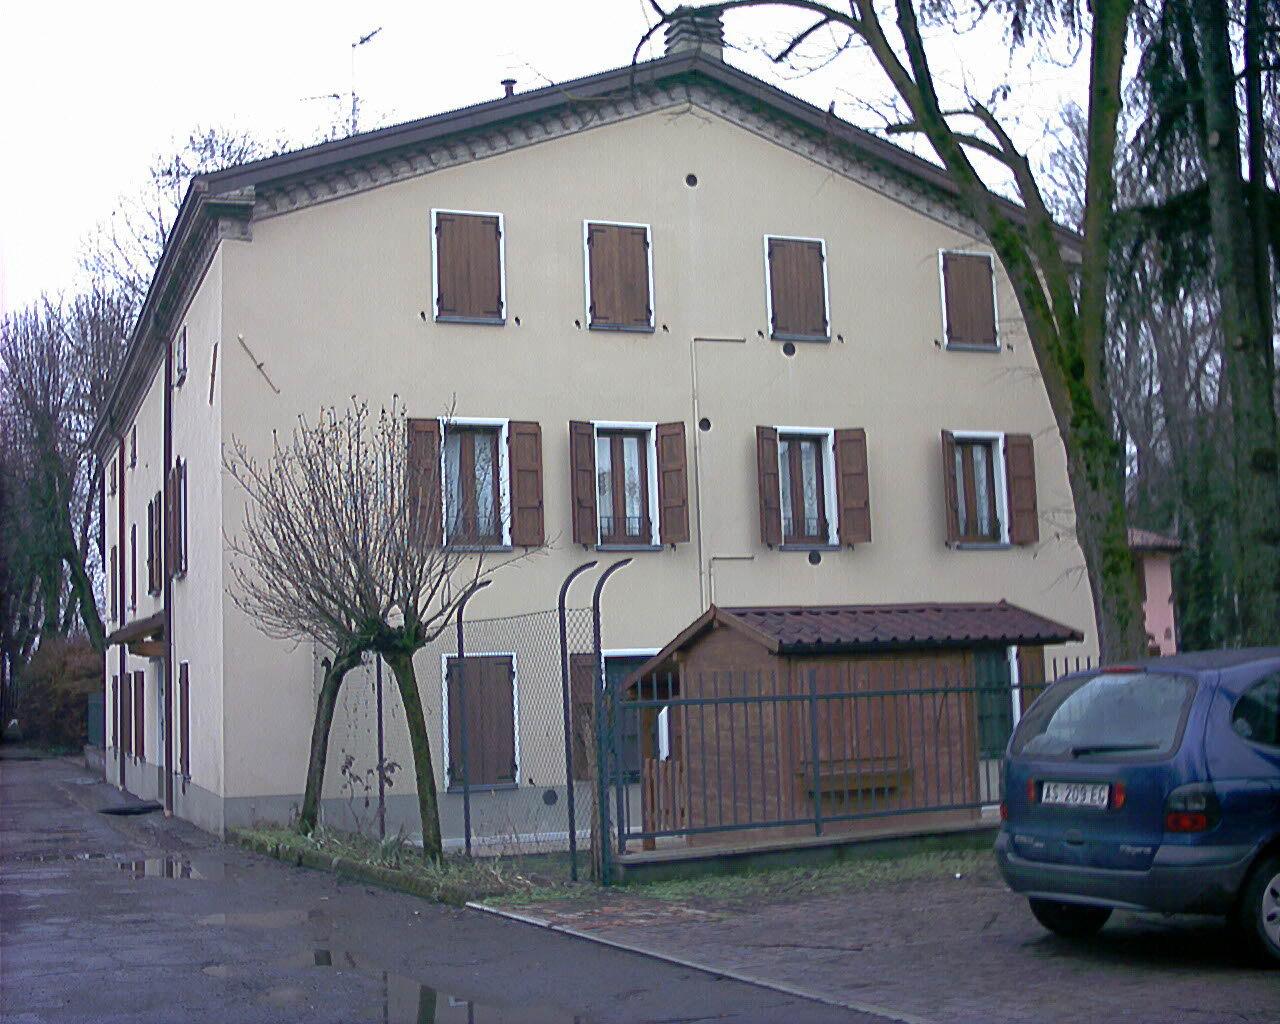 Bilocale Traversetolo Piazza Di Basilicanova Via Traversetolo  26 5